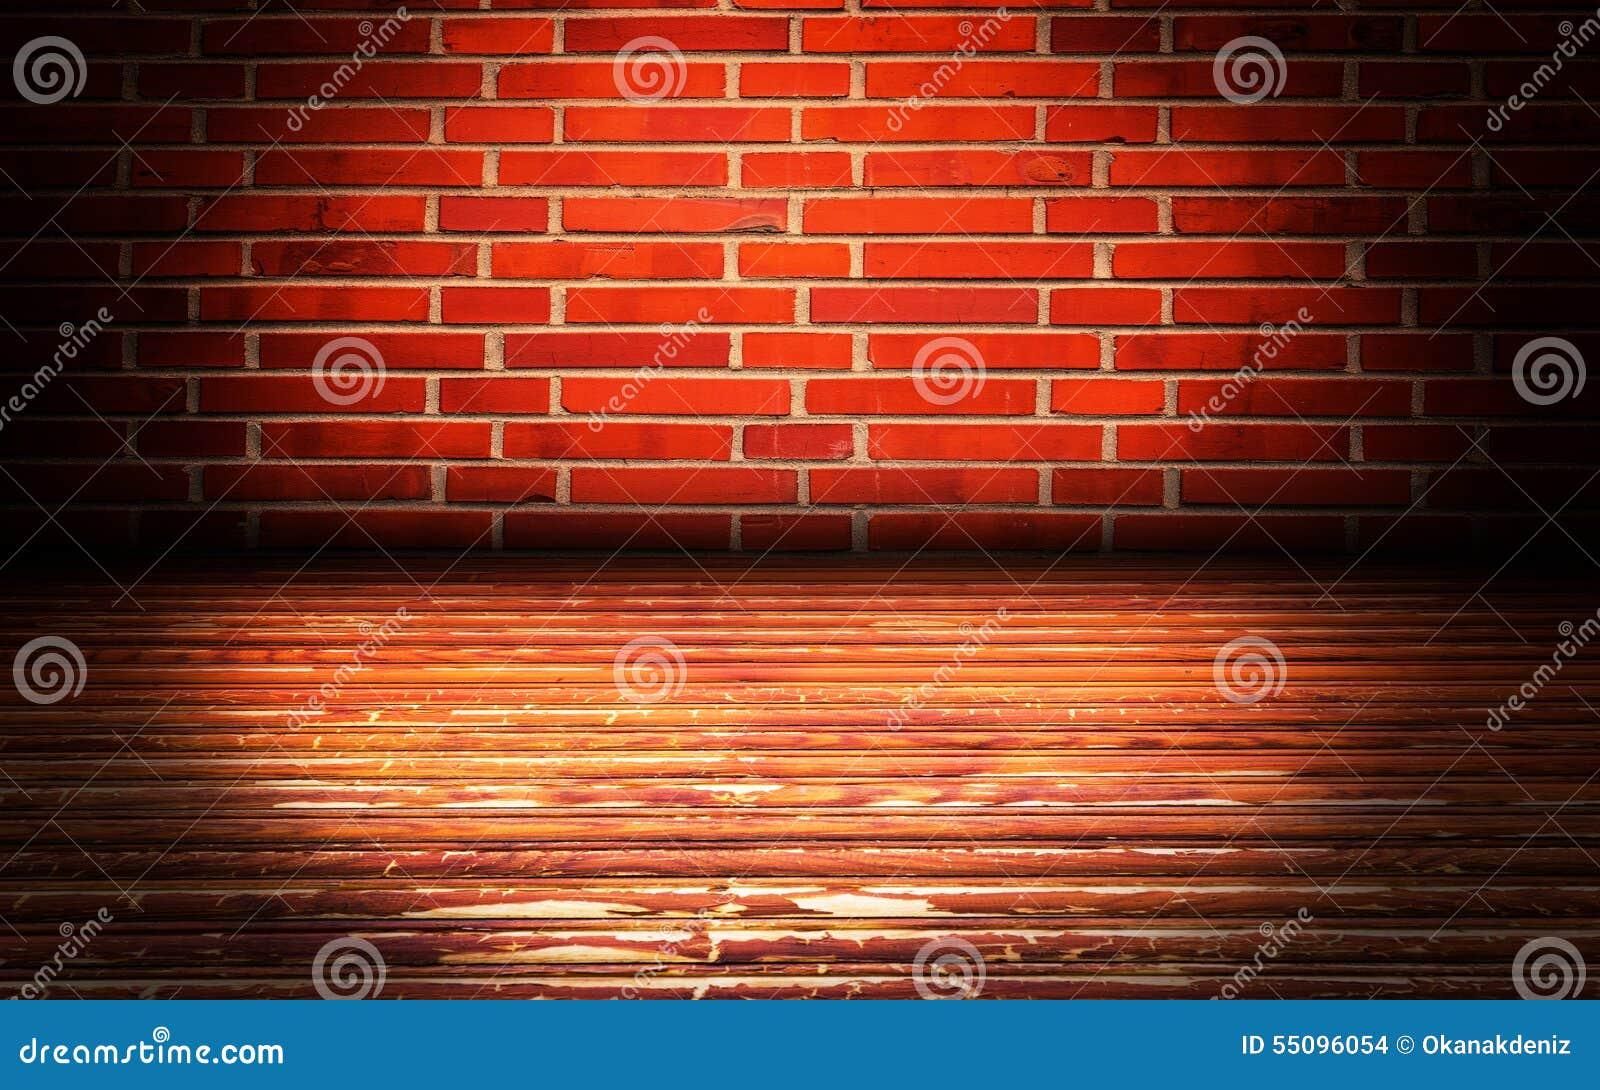 Fondo de etapa interior urbano de las paredes de ladrillo